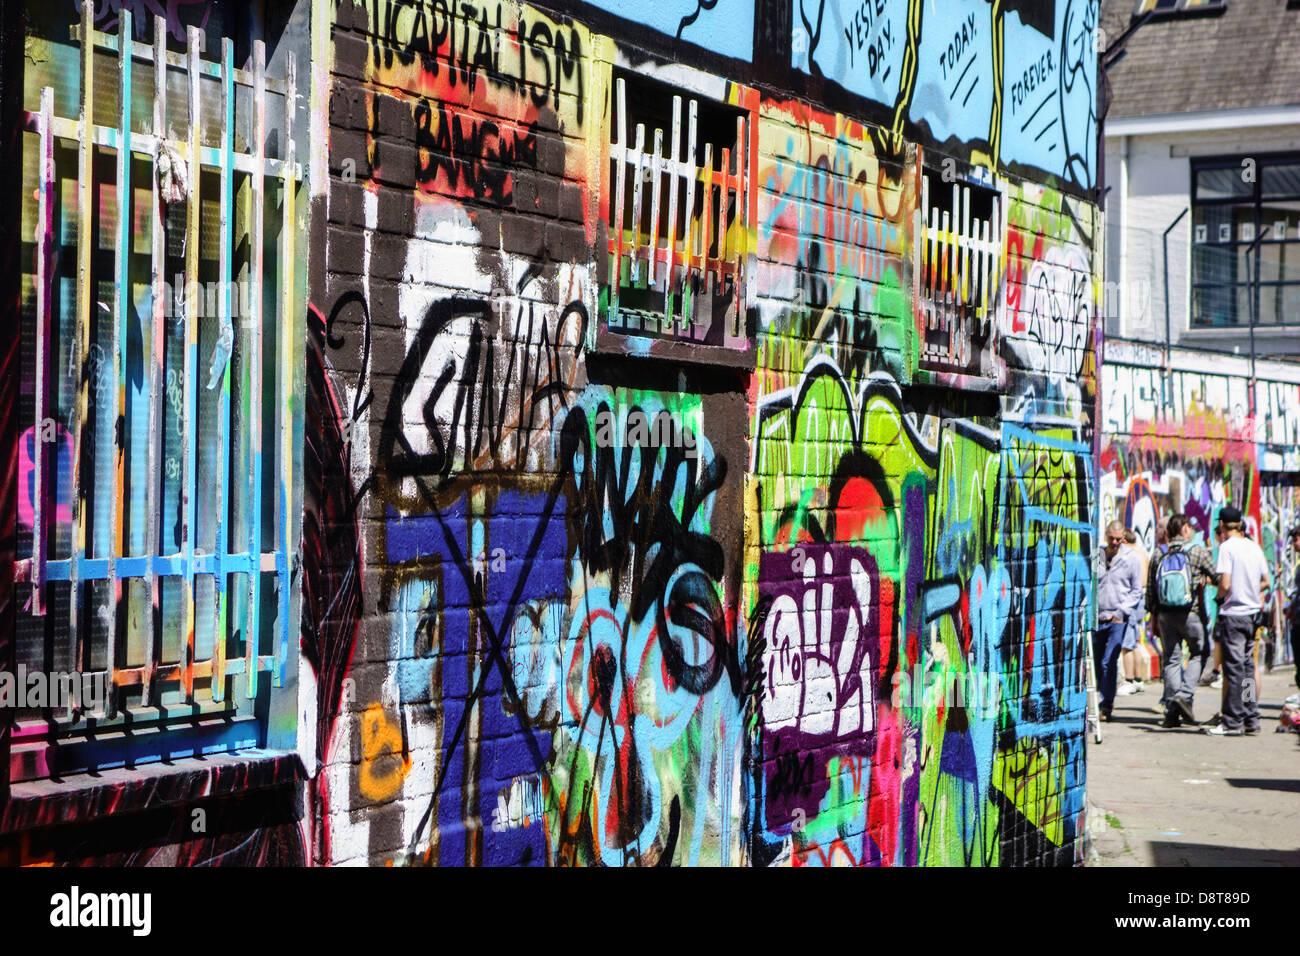 Giovani in vicolo spruzzatura coloratissimo graffito sulla parete di edificio in città Immagini Stock